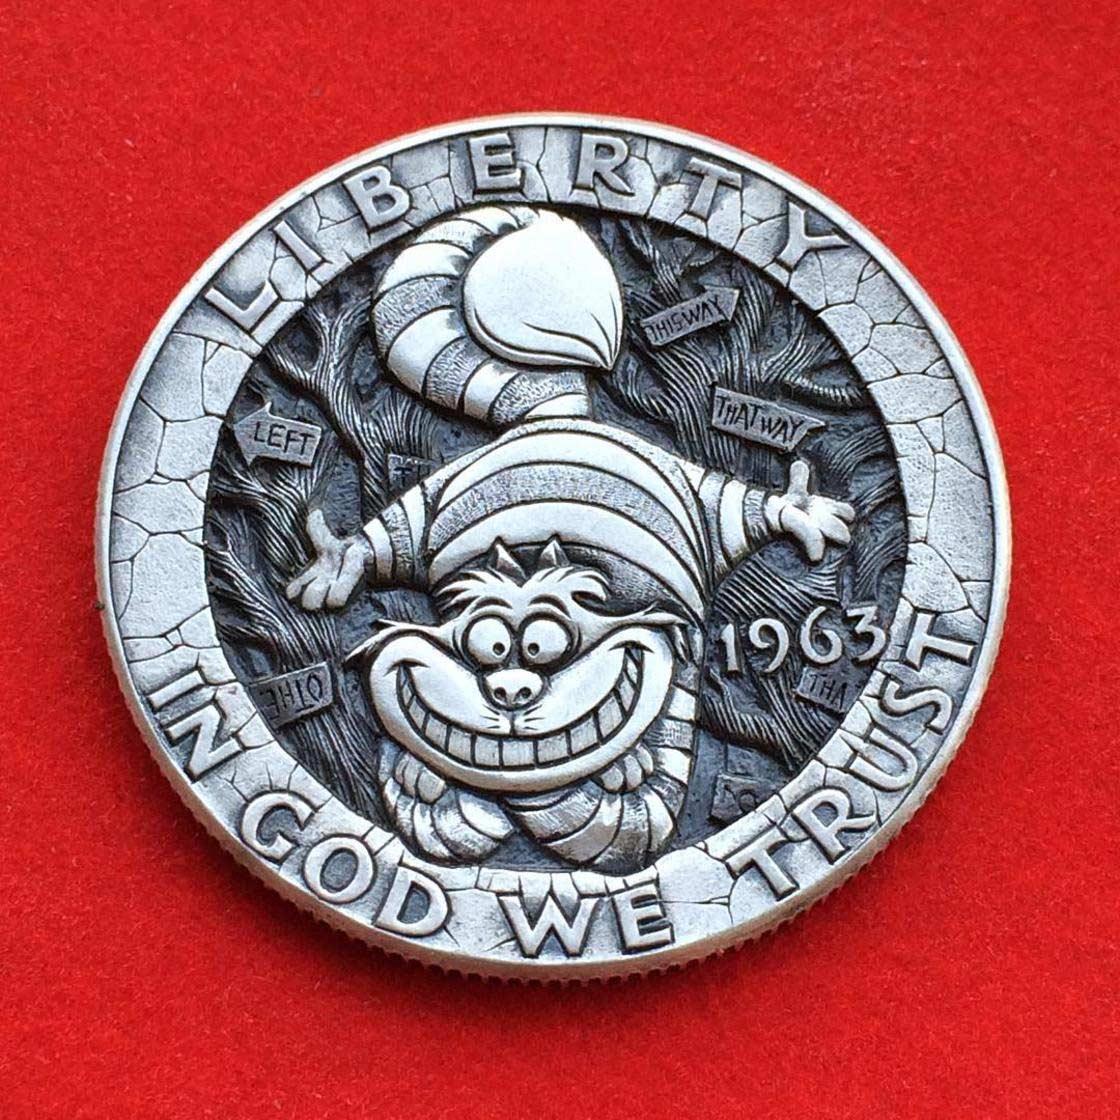 Wenn Münzen zu Popkultur-Skulpturen werden Roman-Booteen-hobo-nickel_11